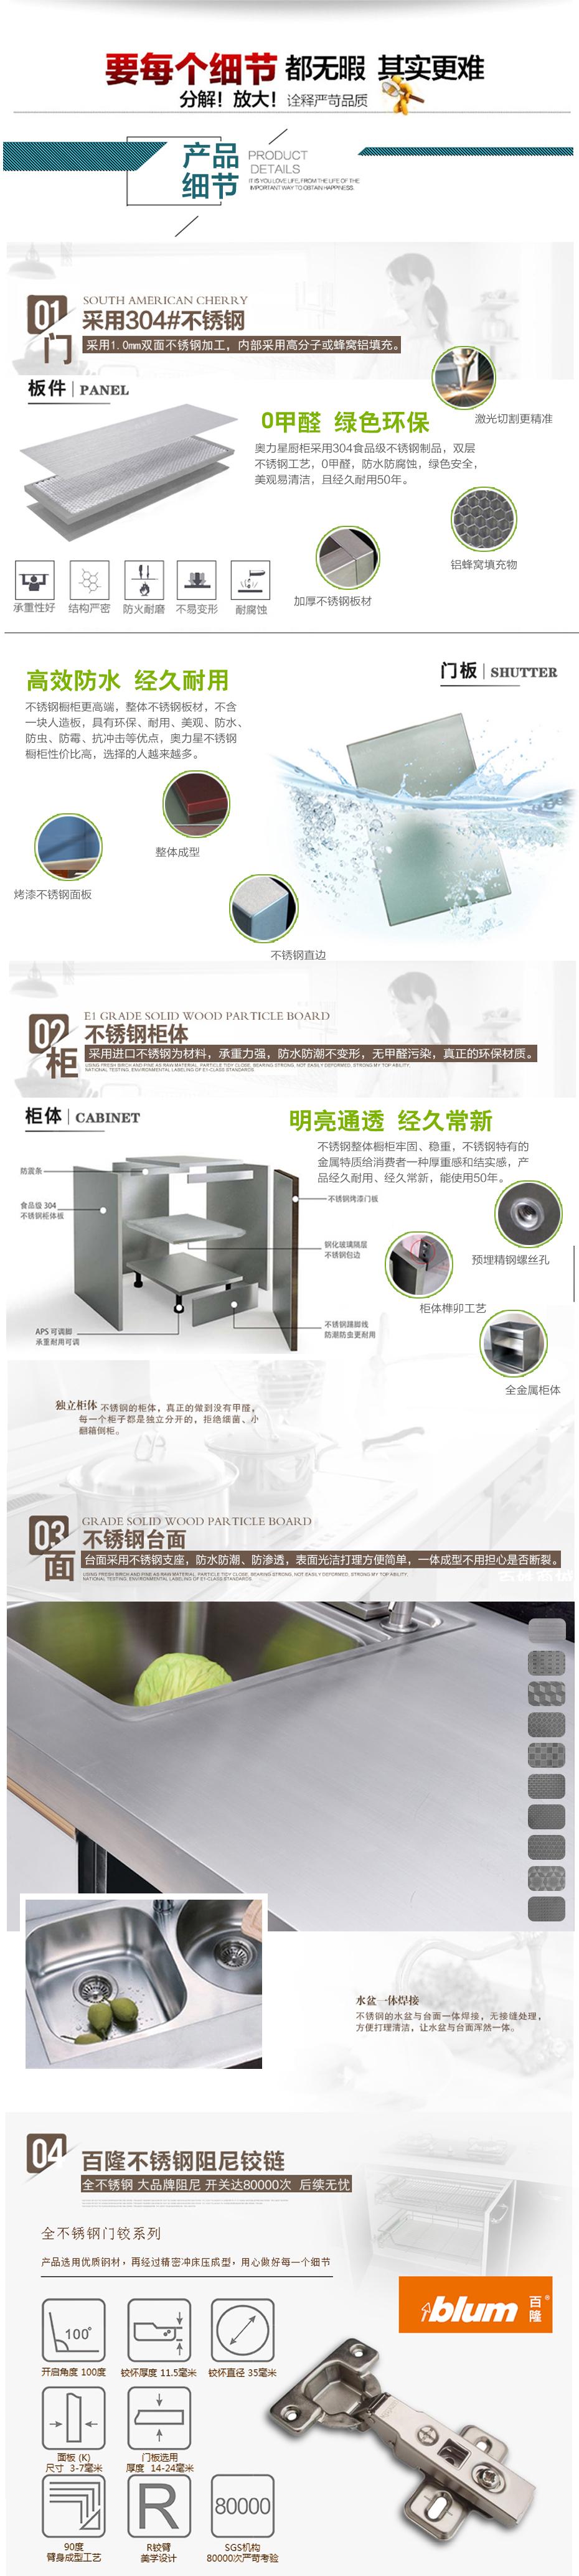 制作不锈钢橱柜的产品细节